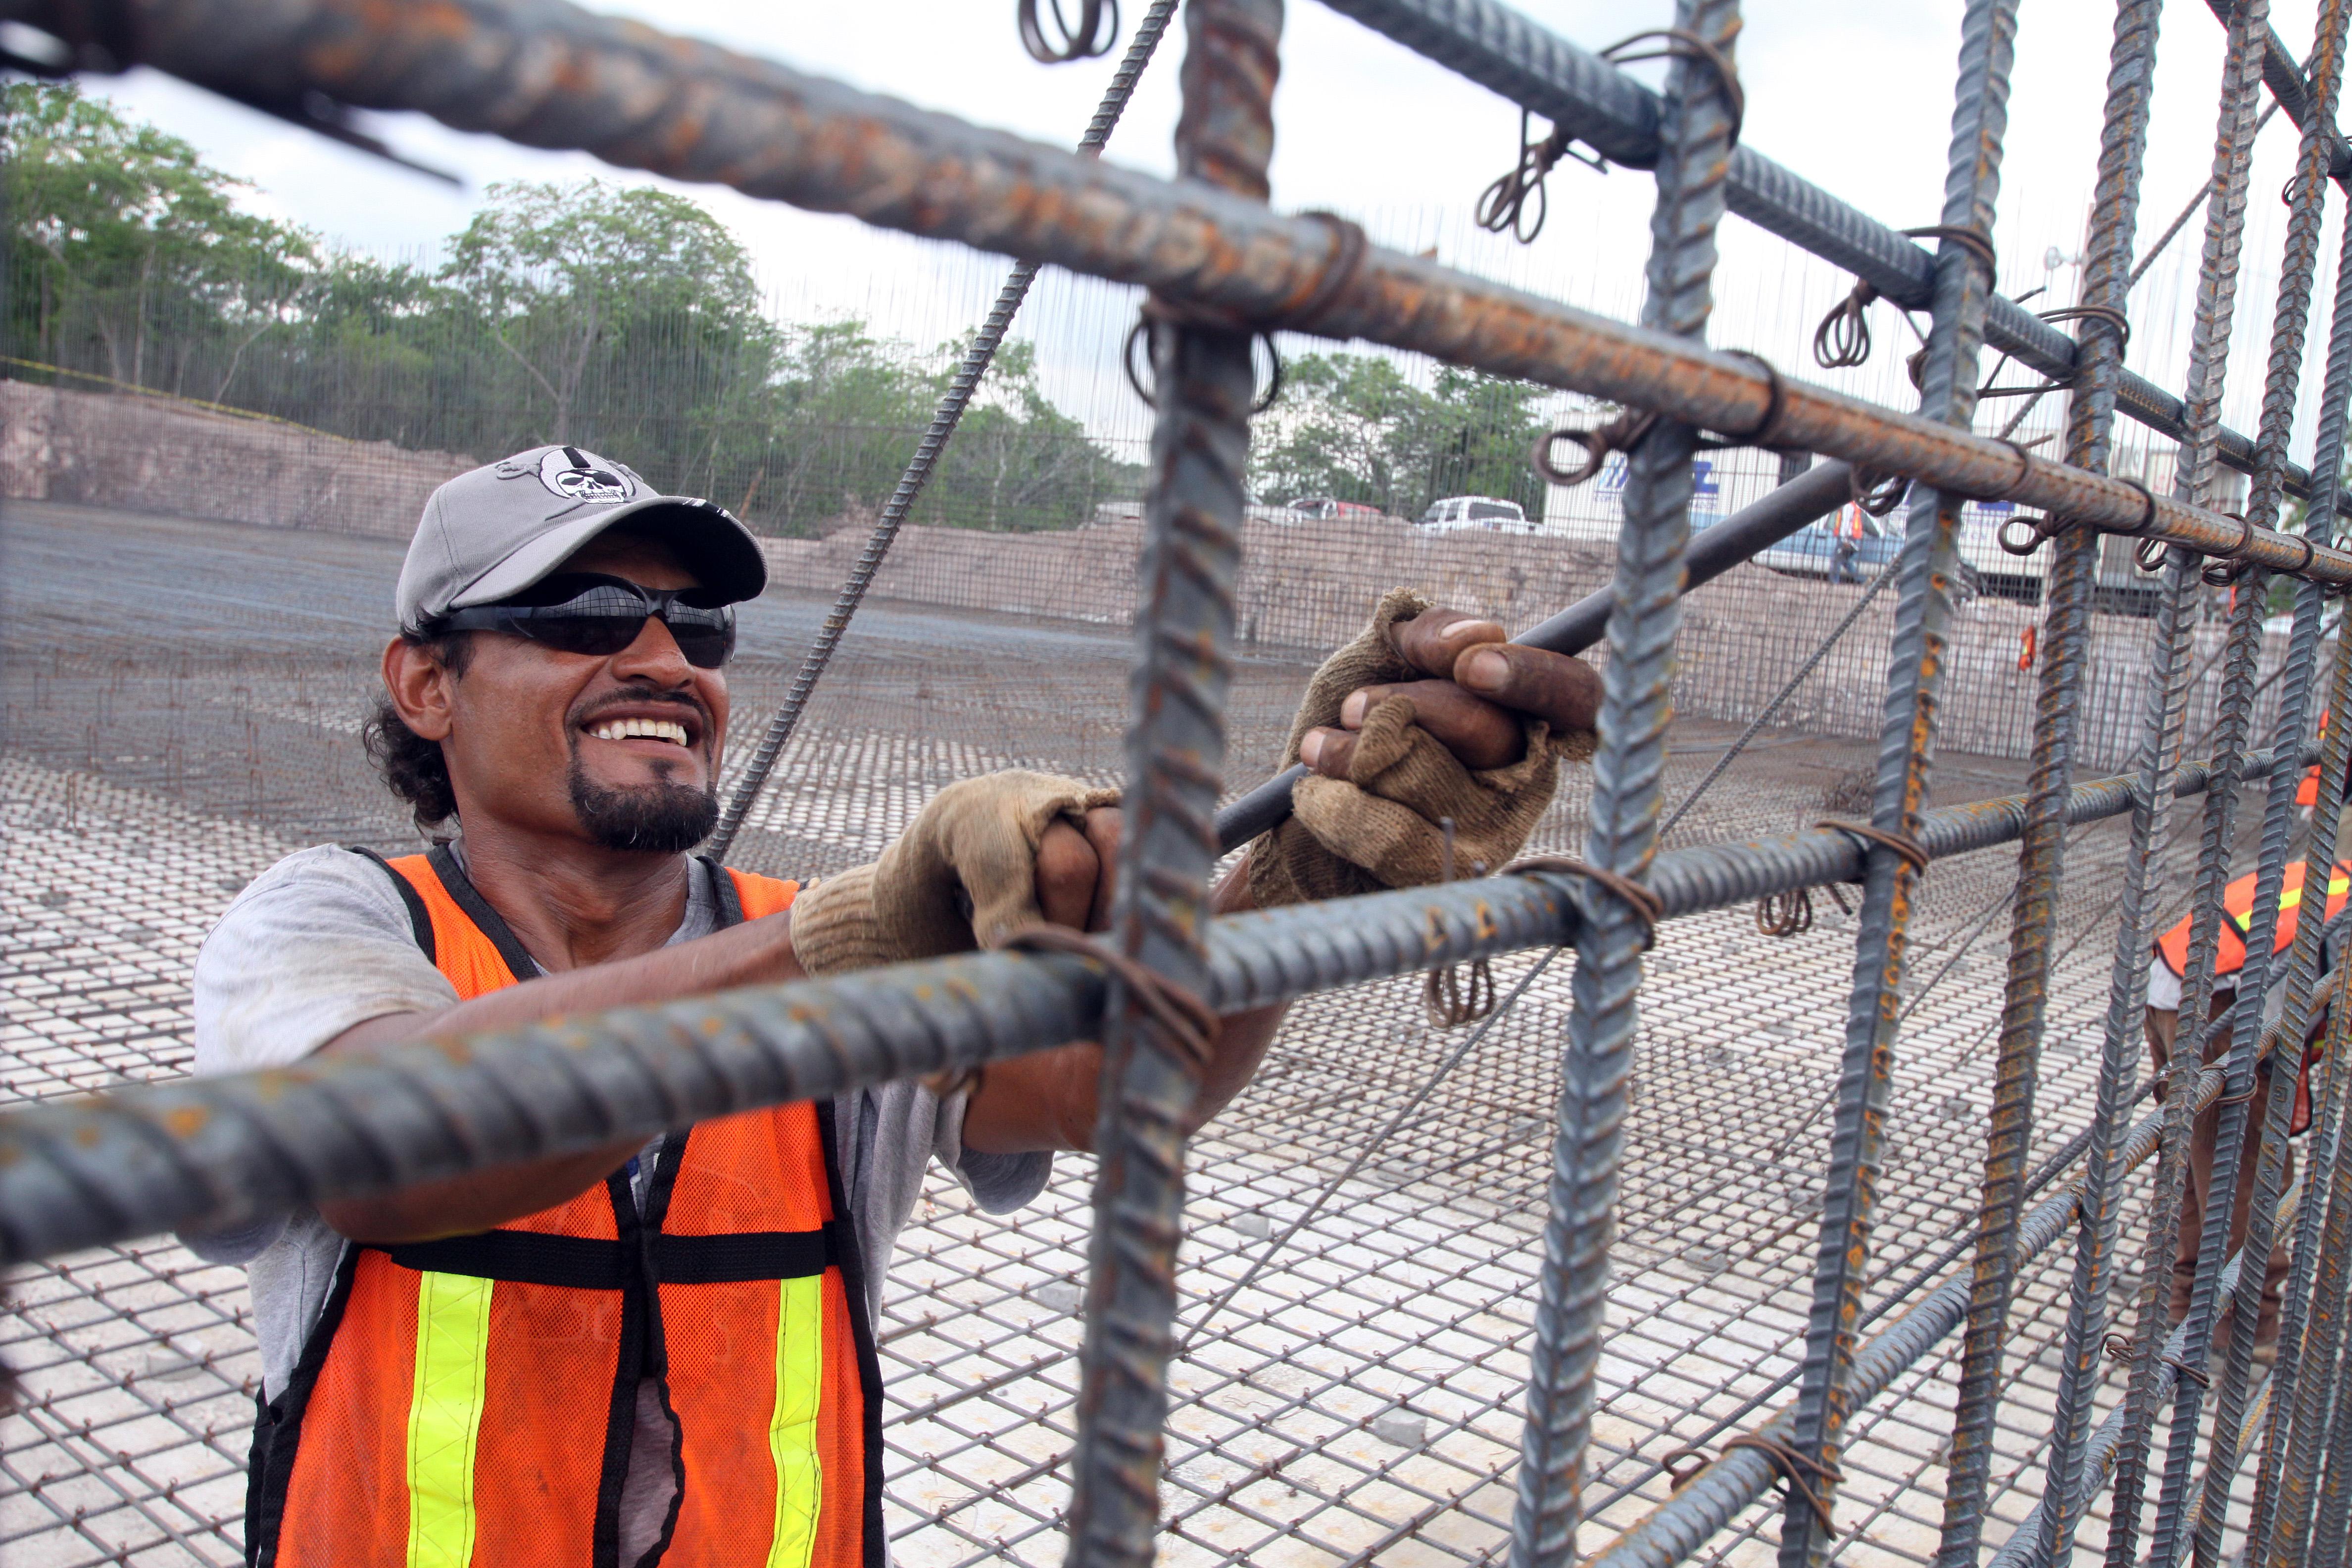 filerebar workerjpg rebar worker